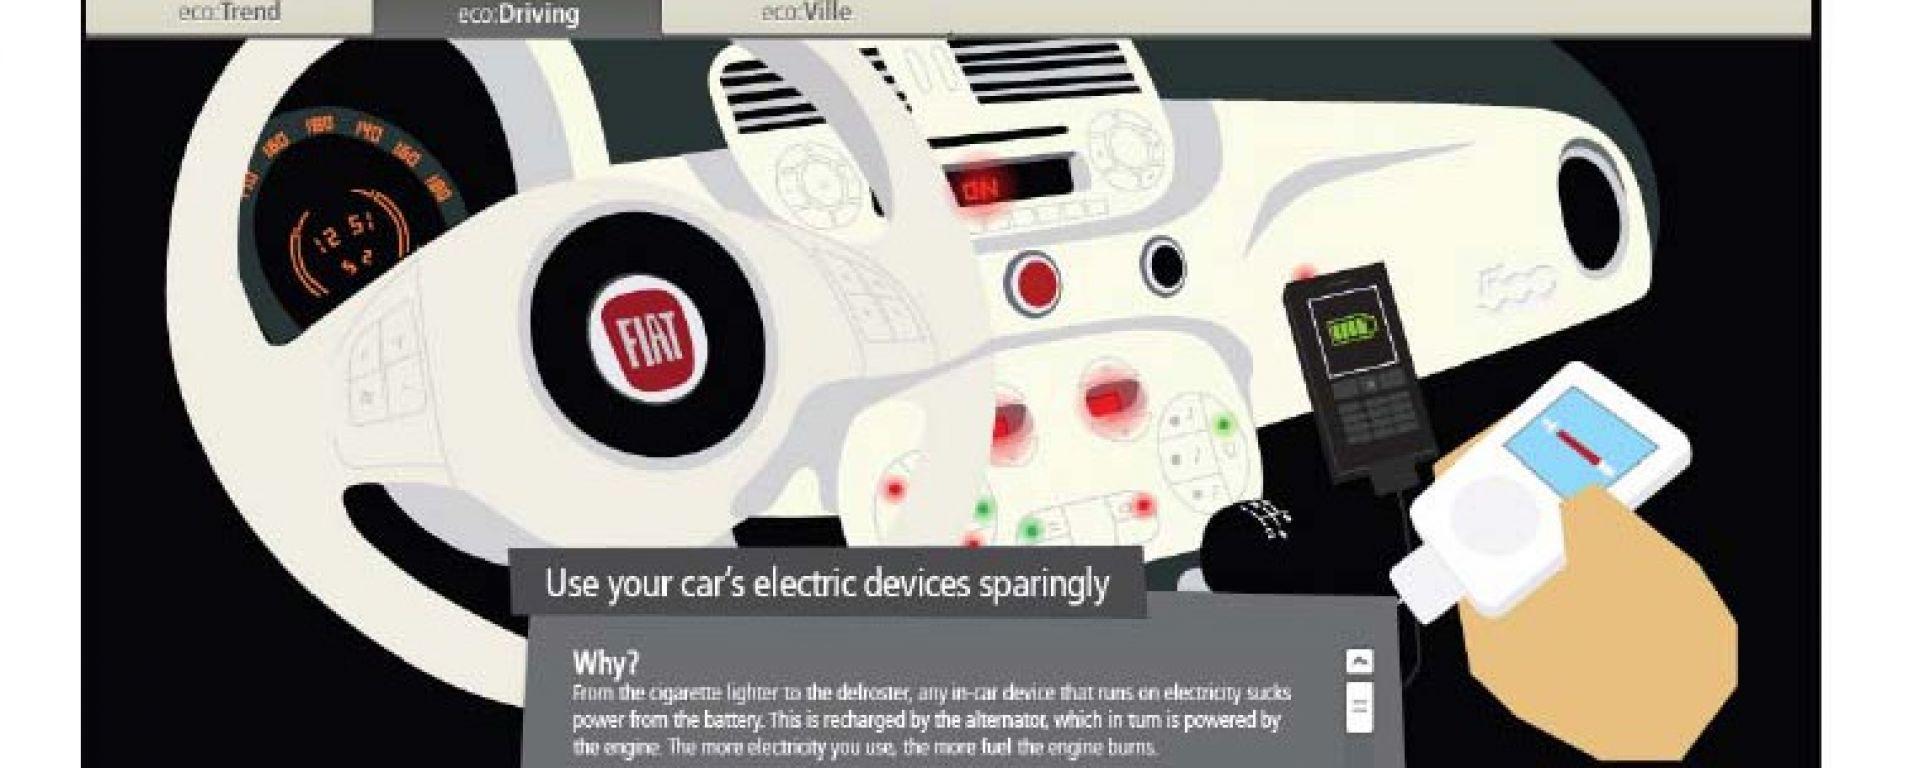 Quanto si risparmia con l'eco:Drive Fiat